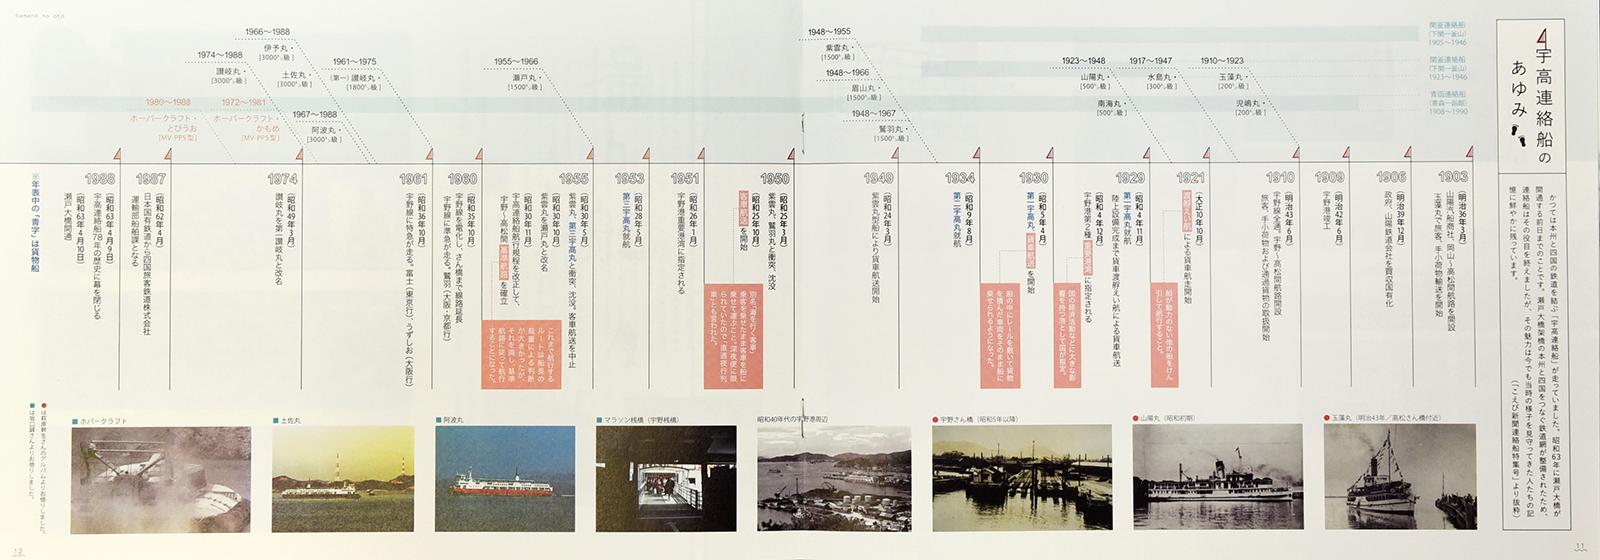 宇野と高松を結ぶ船の 歴史がひと目で分かる!